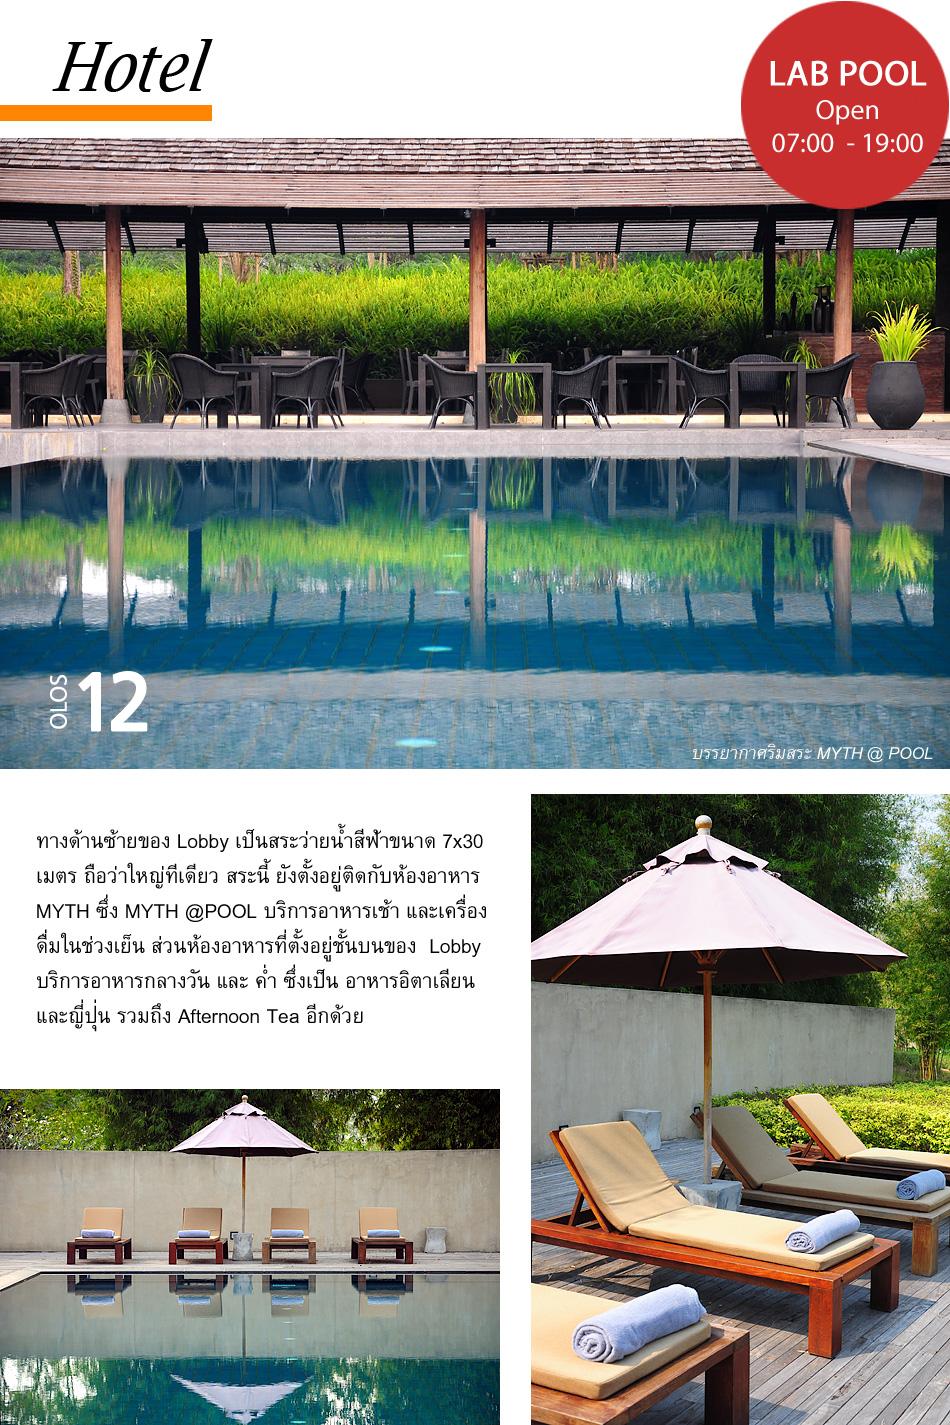 มุติ มายา ฟอเรสต์ พูล วิลล่า รีสอร์ท Muthi Maya Forest Pool Villa Resort เขาใหญ่ ปากช่อง นครราชสีมา ที่พัก รีสอร์ท